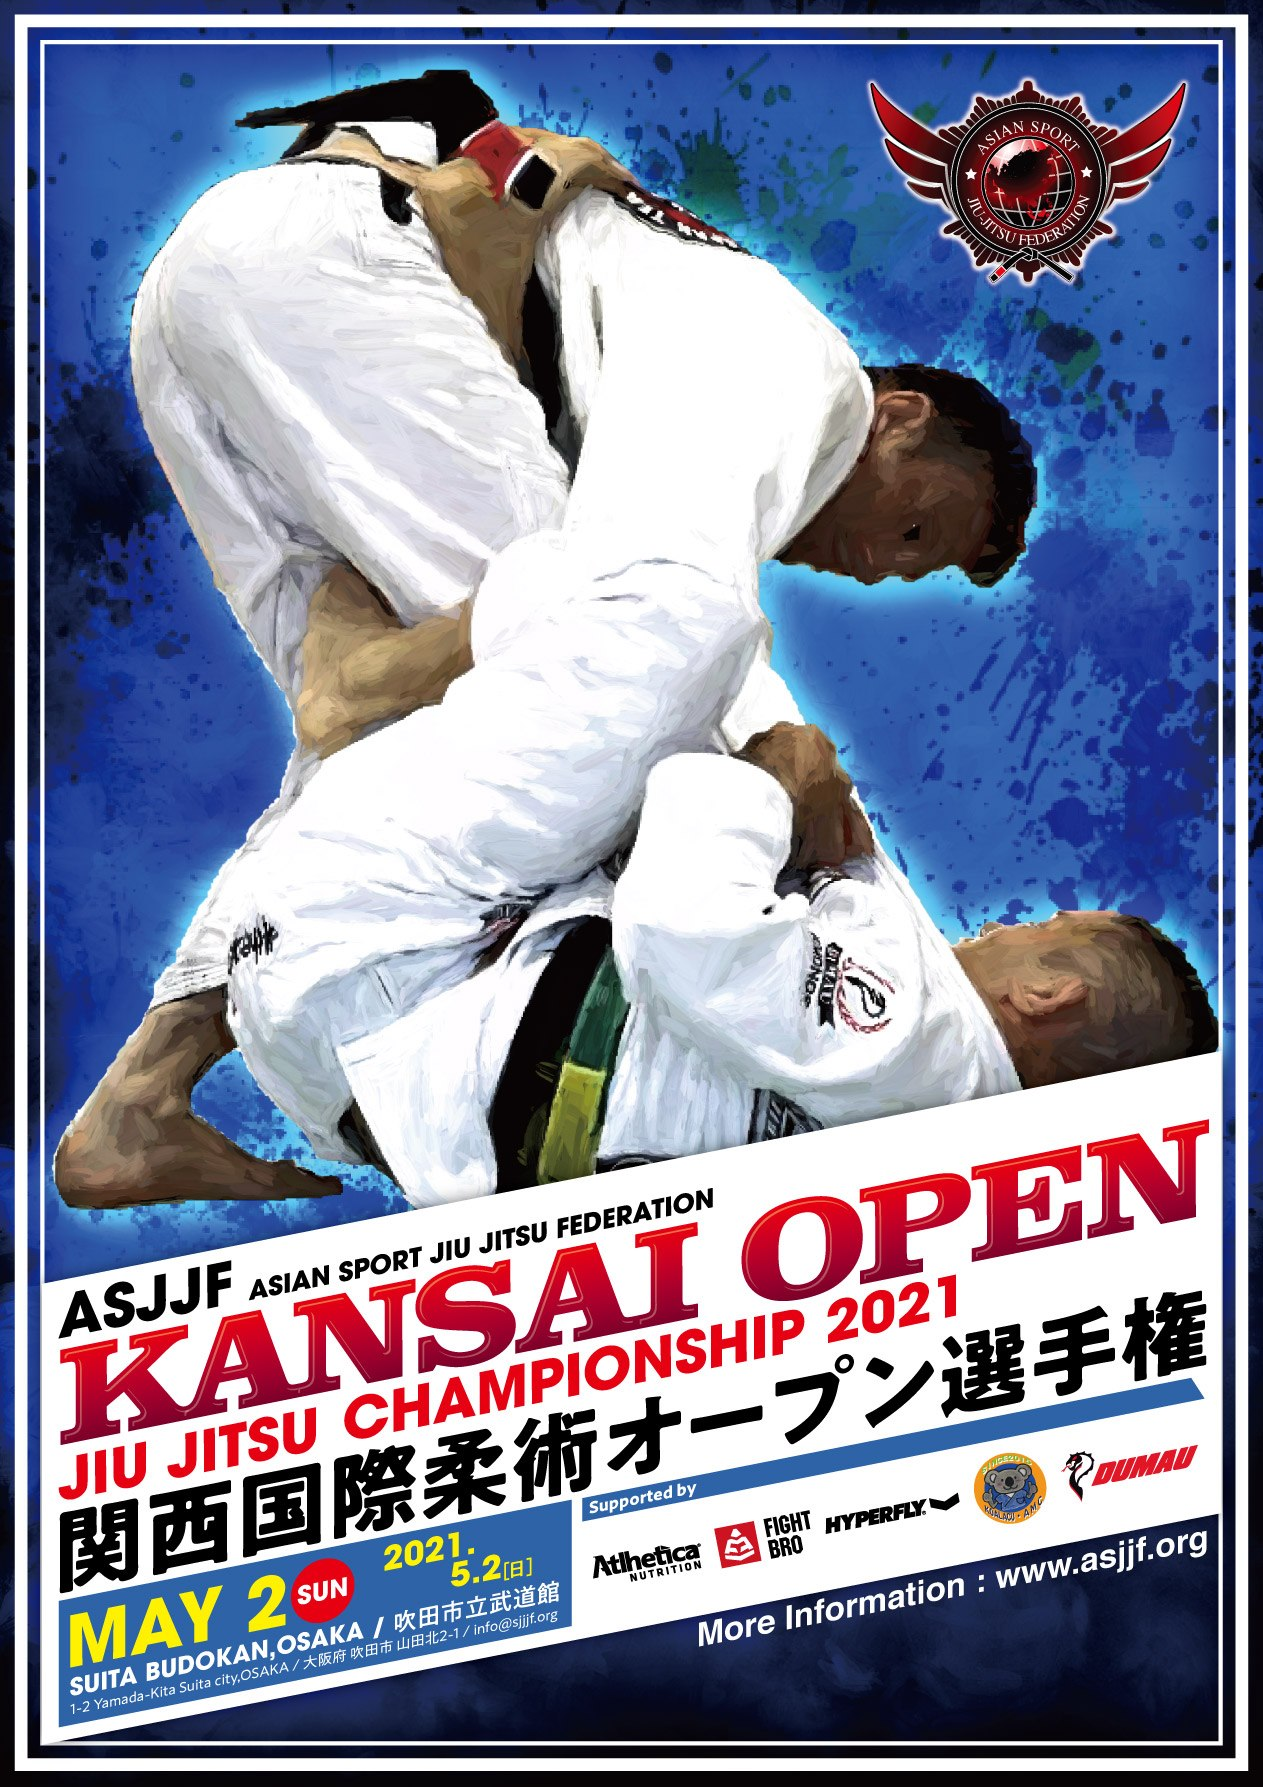 asjjf kansai open jiu jitsu championship 2021 (関西国際柔術オープン選手権2021)